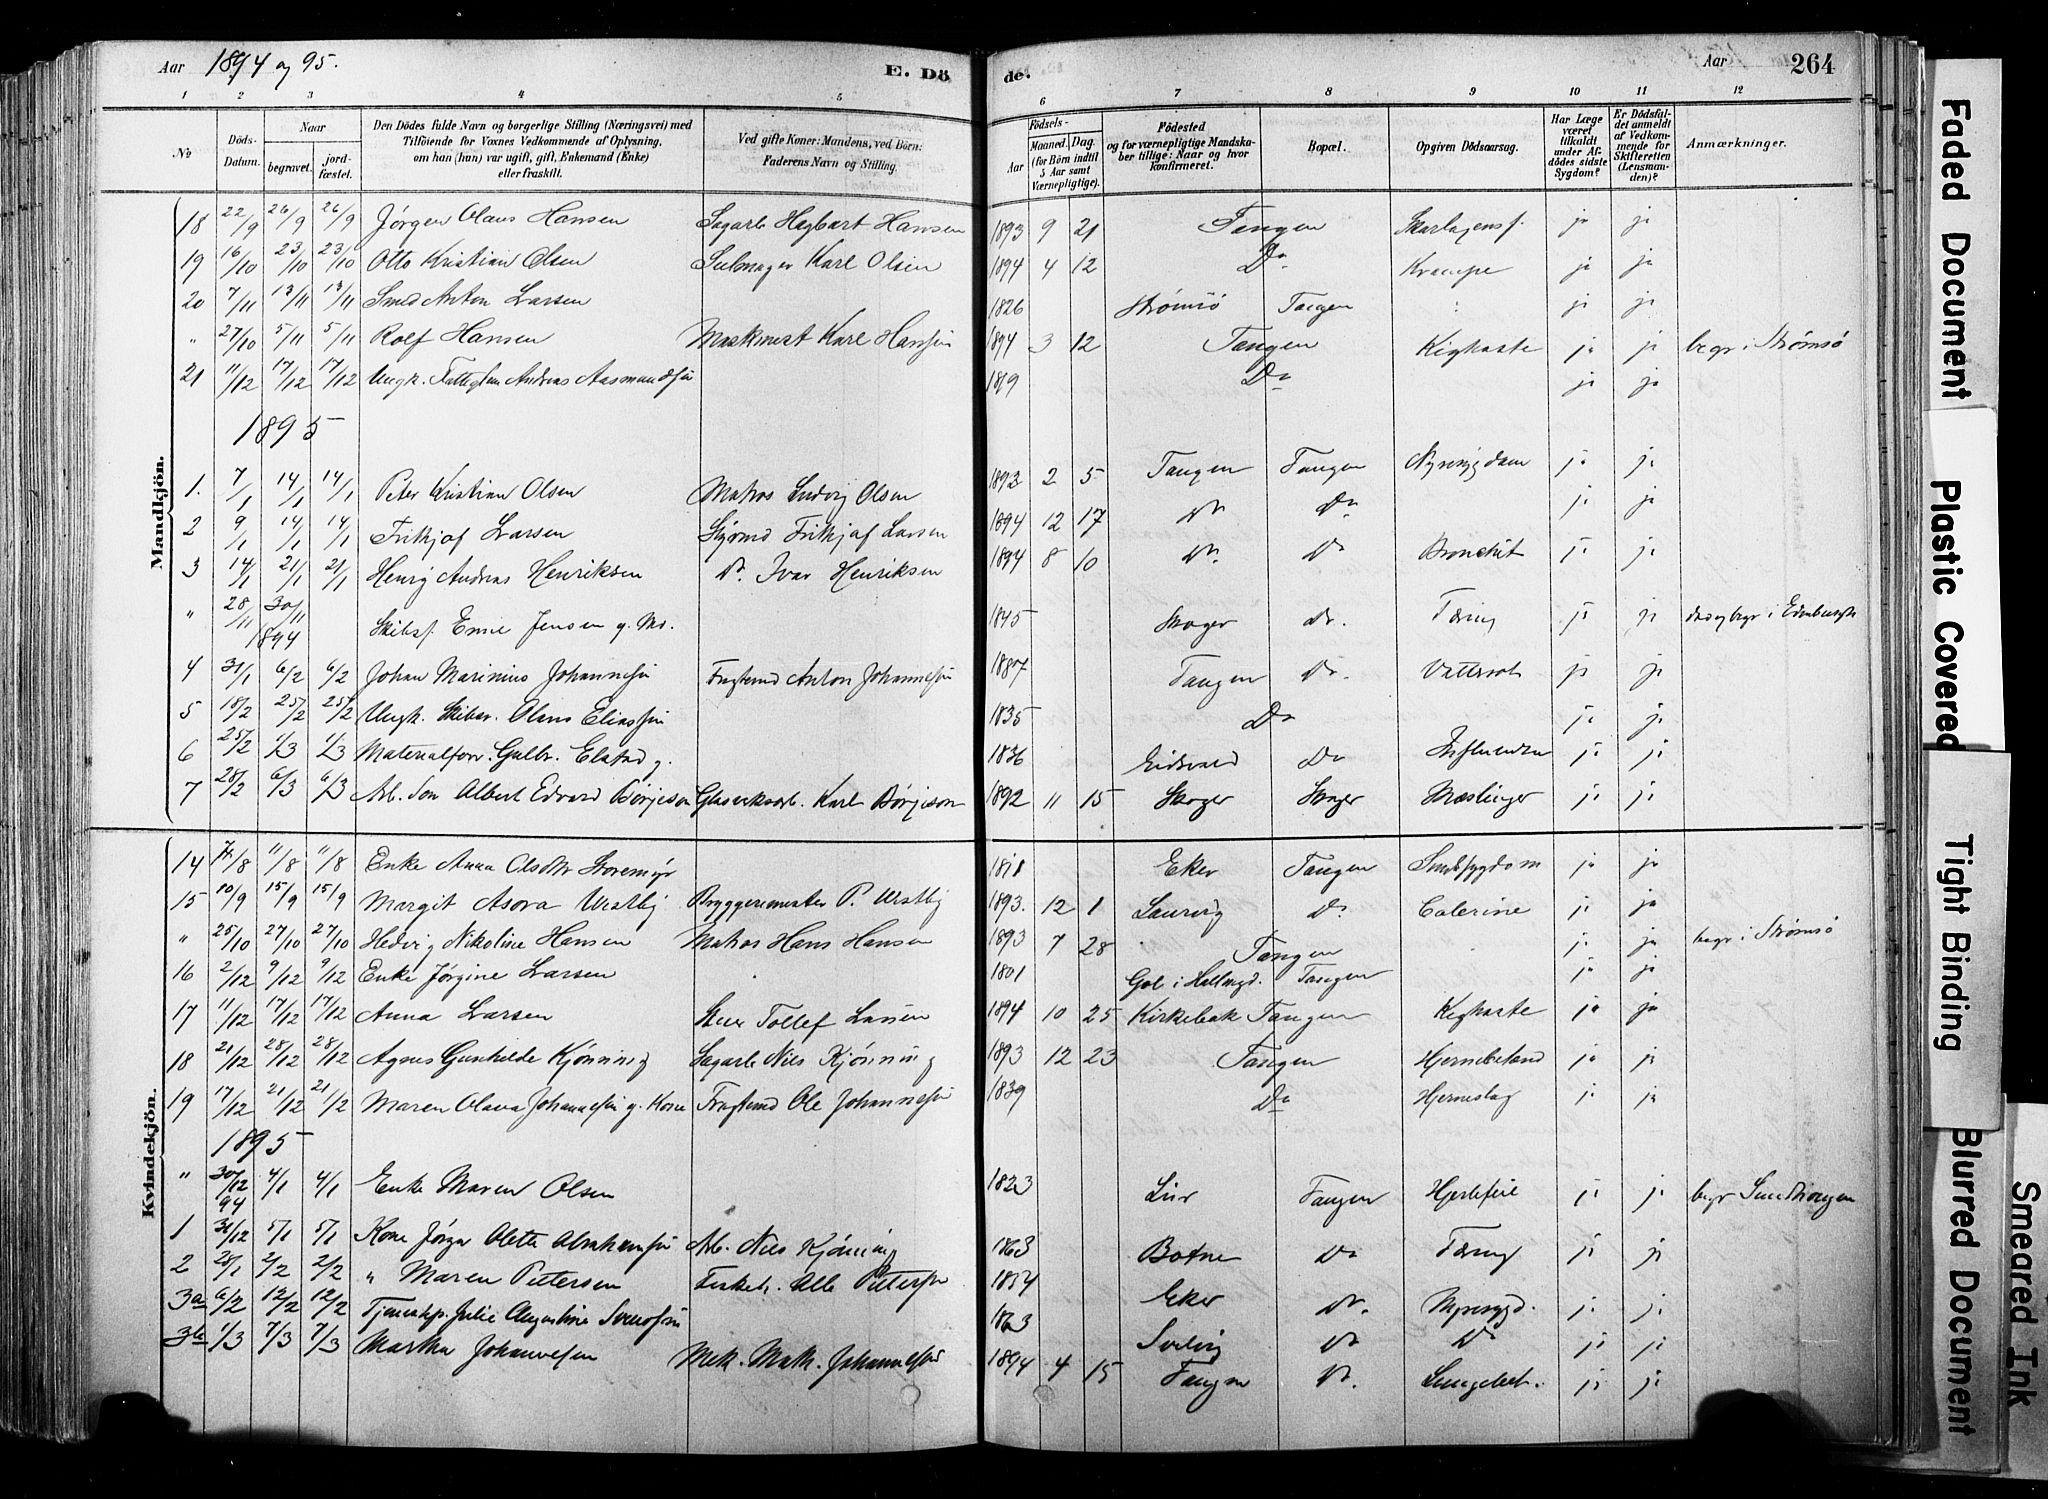 SAKO, Strømsø kirkebøker, F/Fb/L0006: Ministerialbok nr. II 6, 1879-1910, s. 264